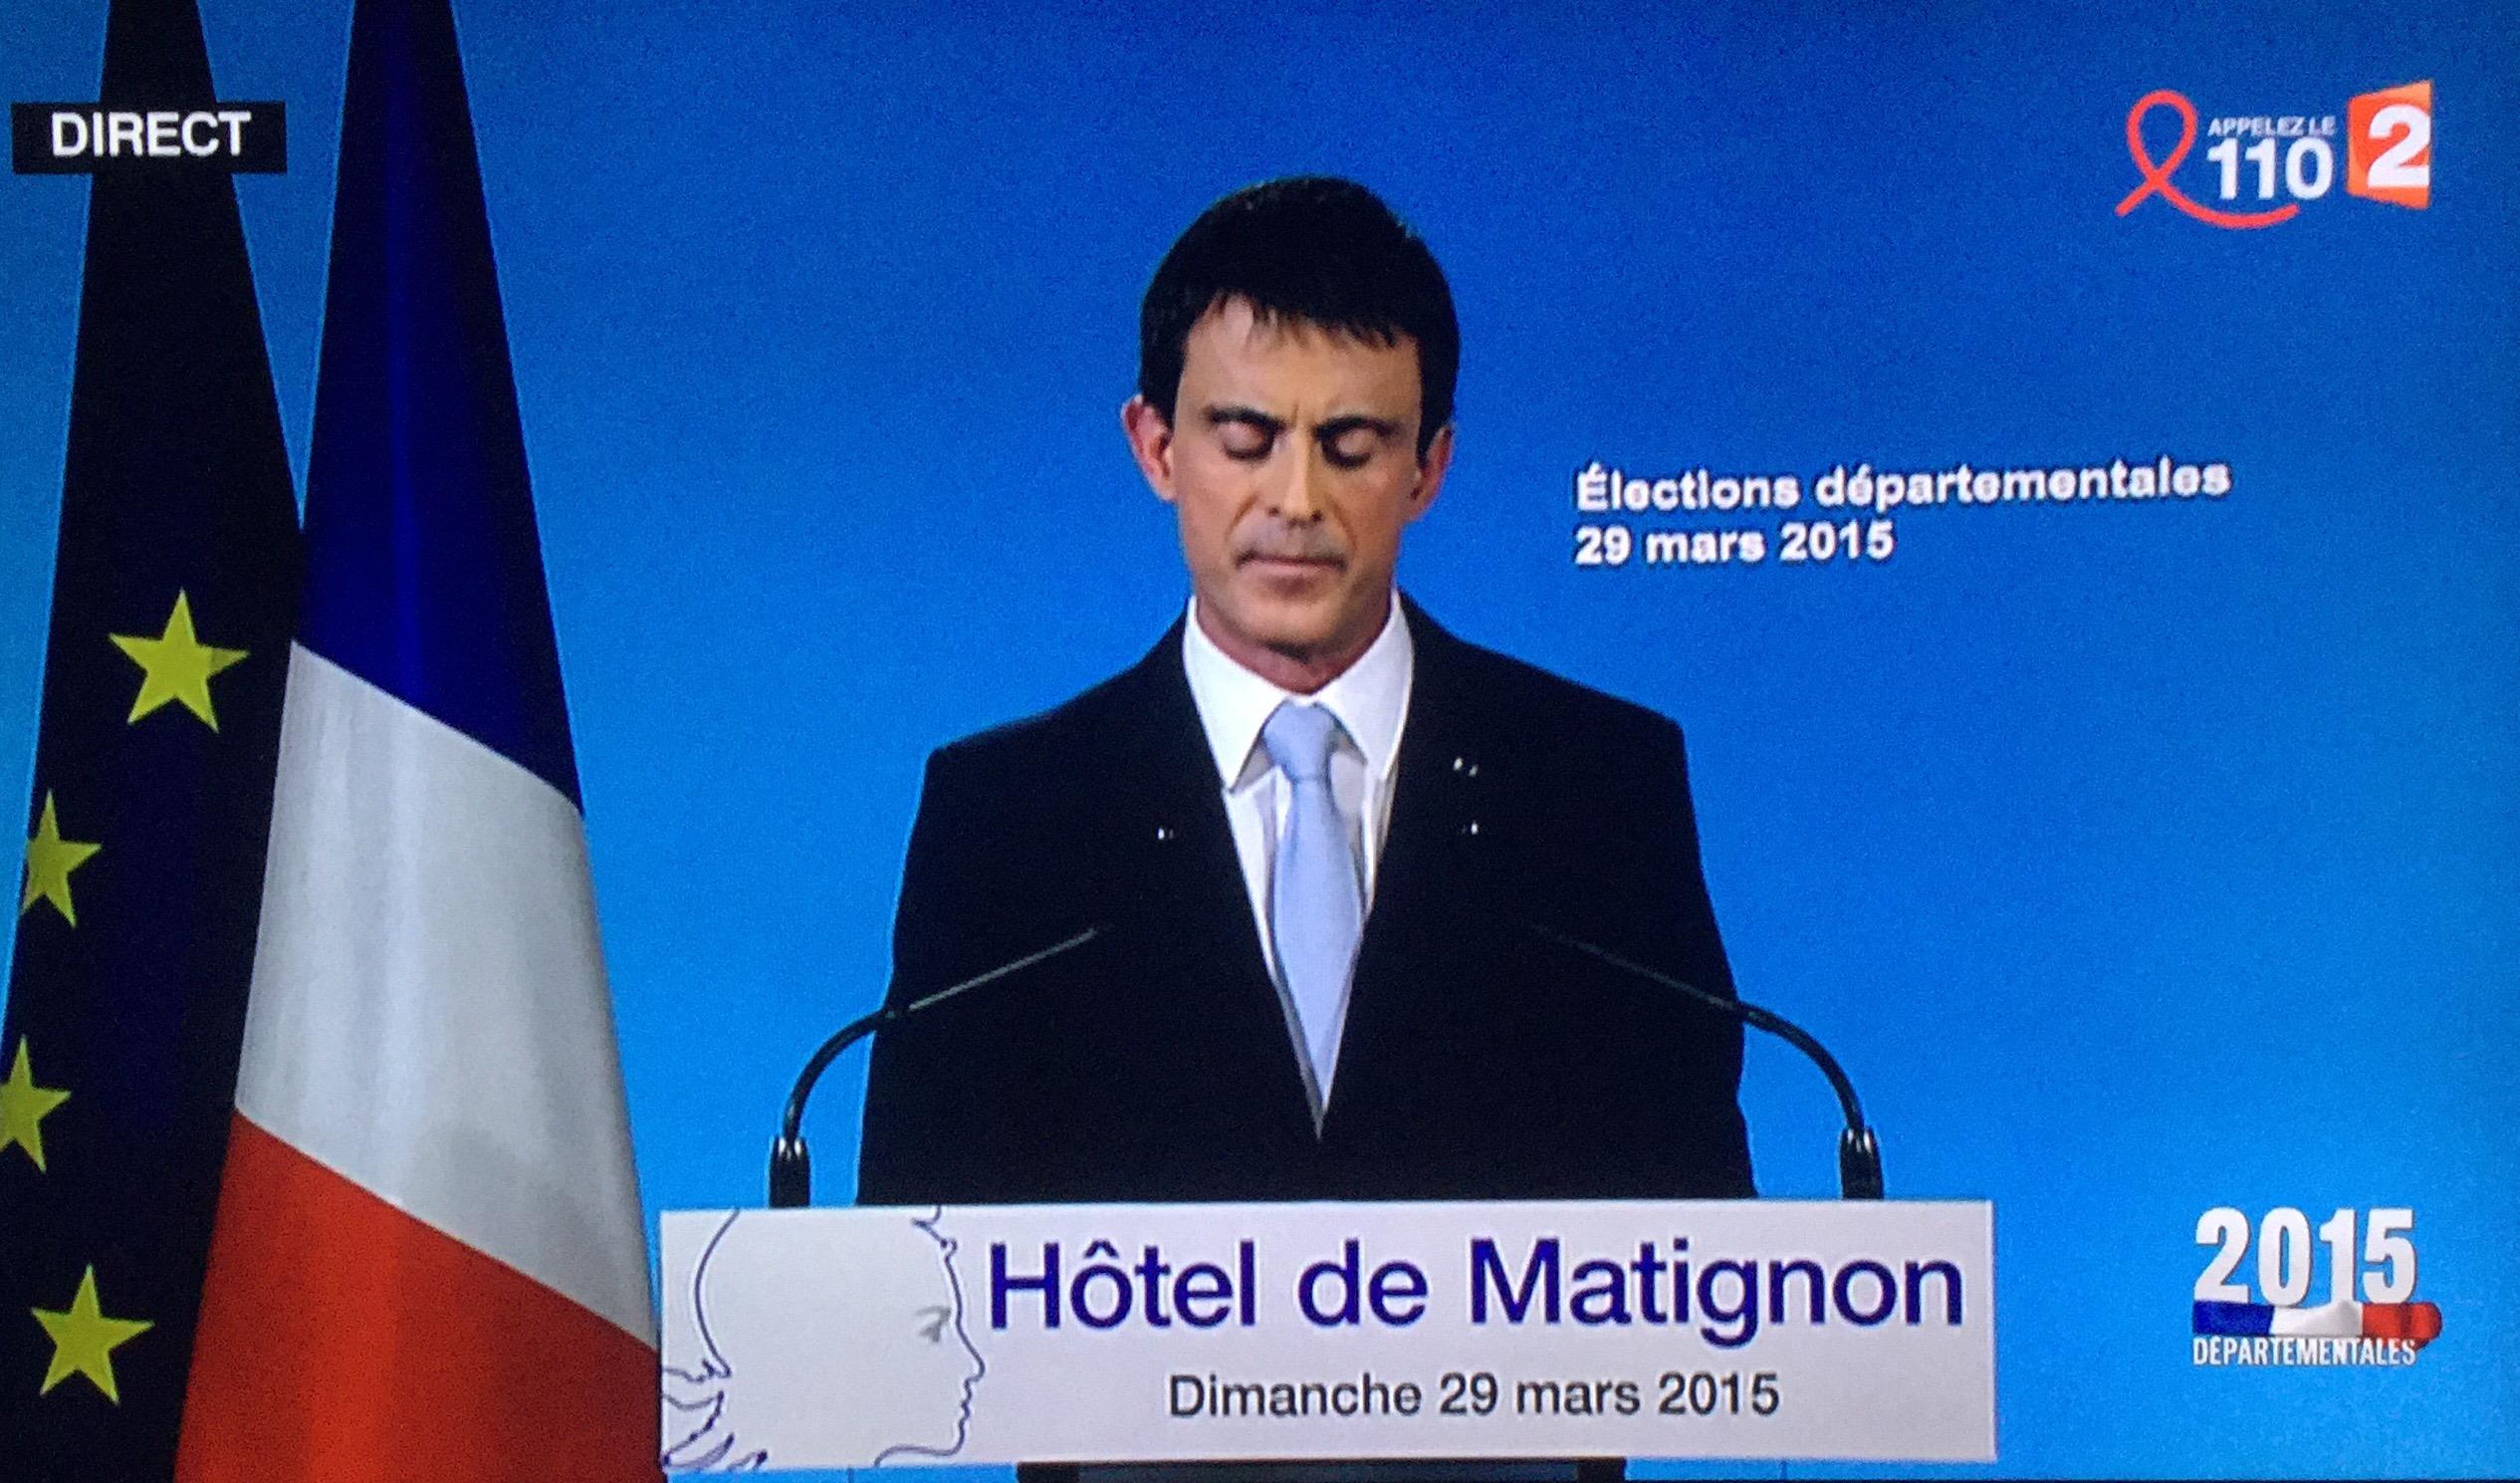 Résultats departelentales 2015 Discours de Valls Essonne Corrèze Gauche défaite